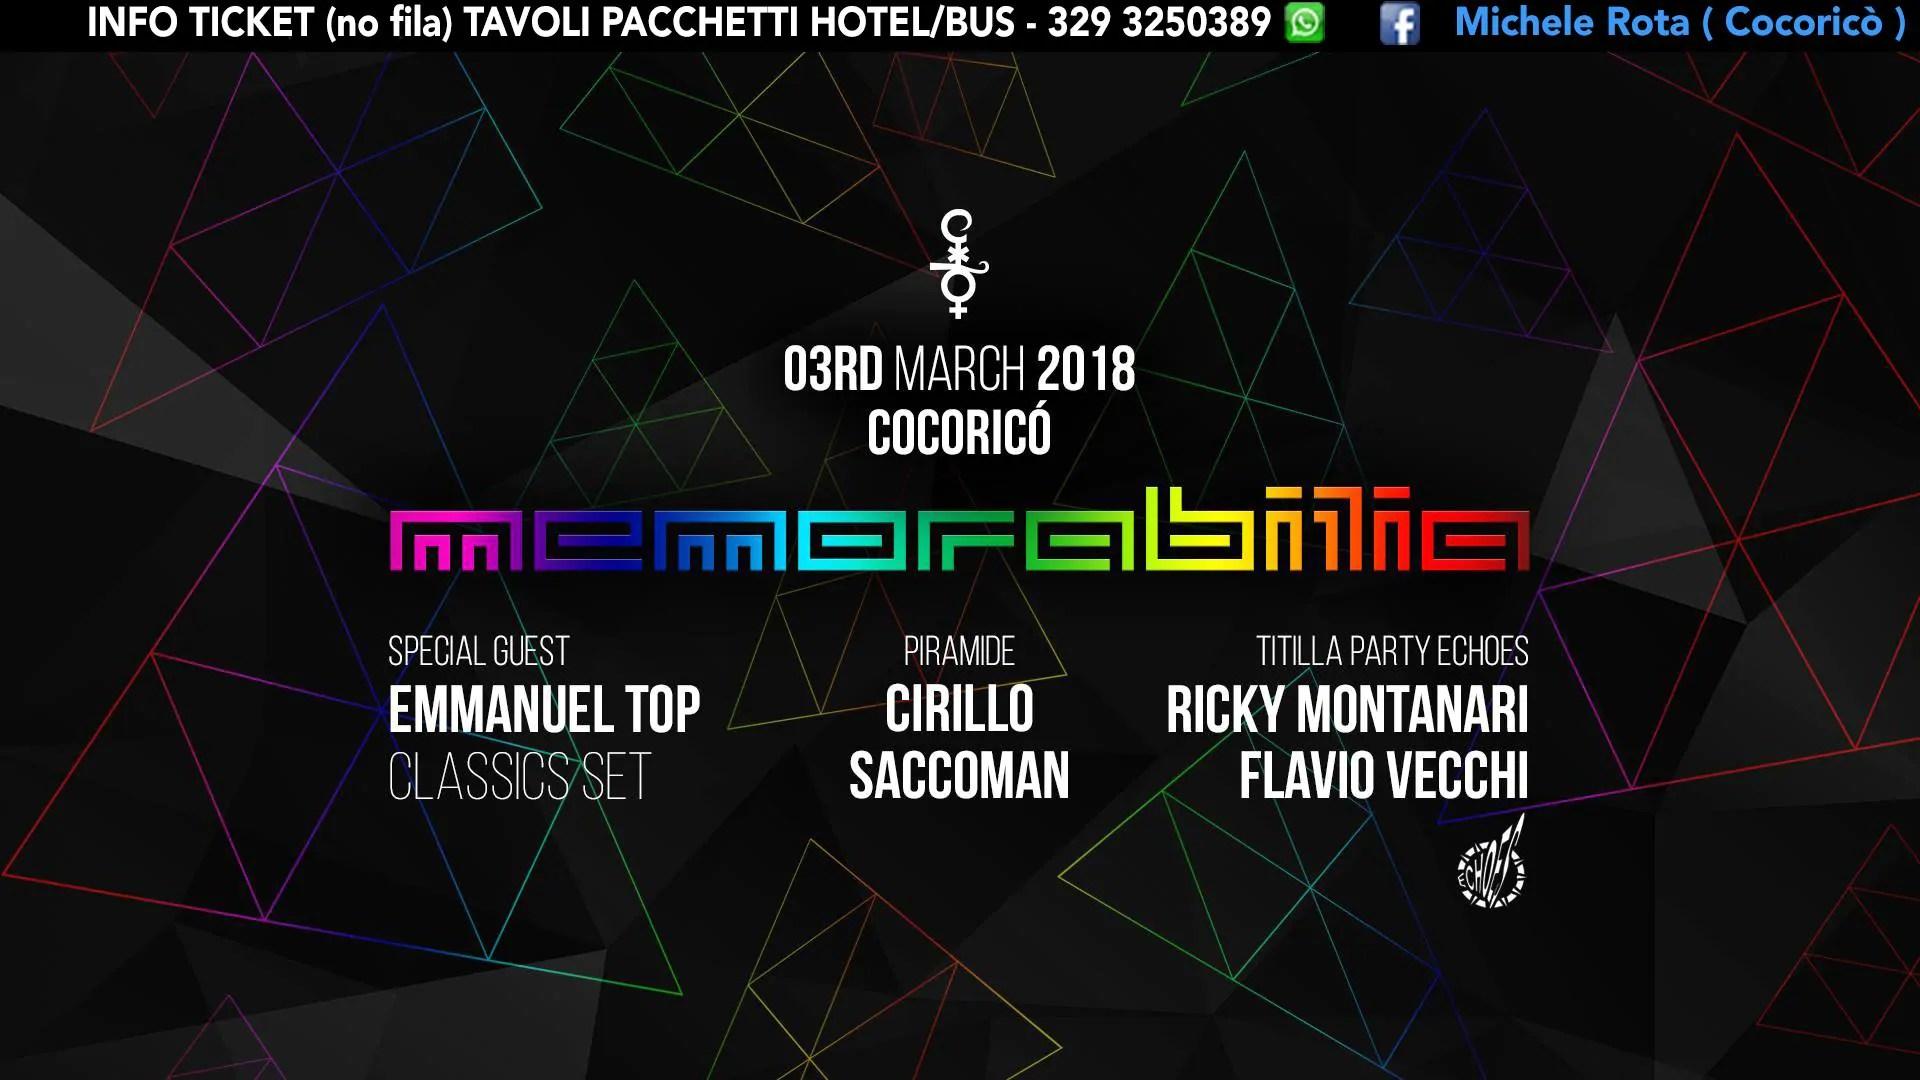 03 03 2018 MEMORABILIA AT COCORICÒ RICCIONE PREVENDITE + TICKET + TAVOLI + PACCHETTI HOTEL